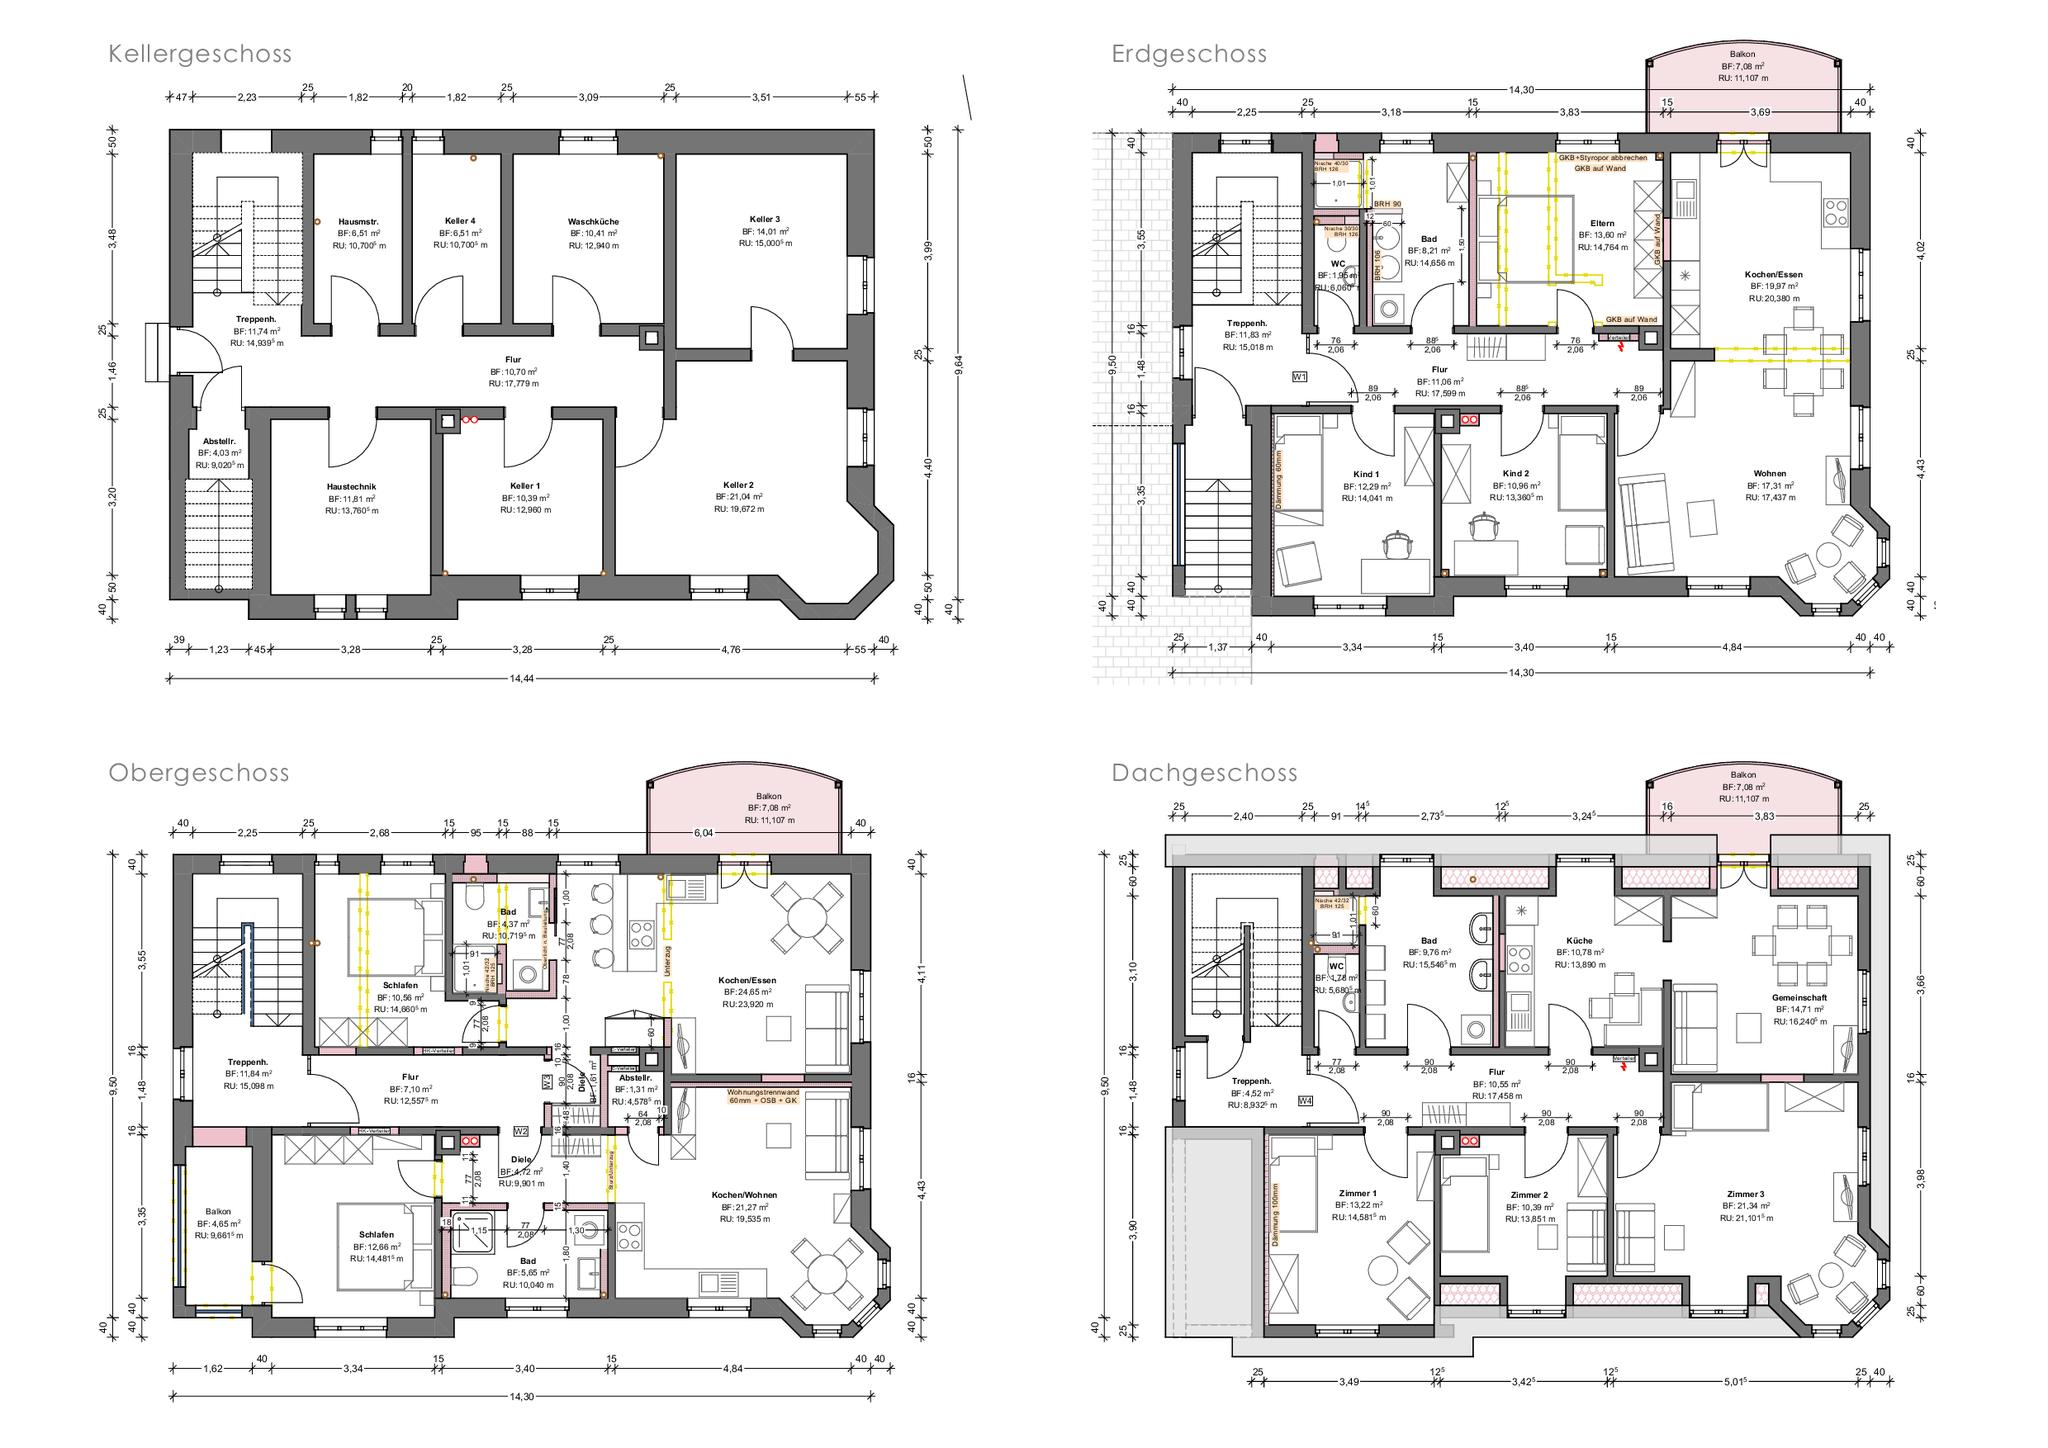 Grundriss Kellergschoss, Erdgeschoss, Obergeschoss, Dachgeschoss